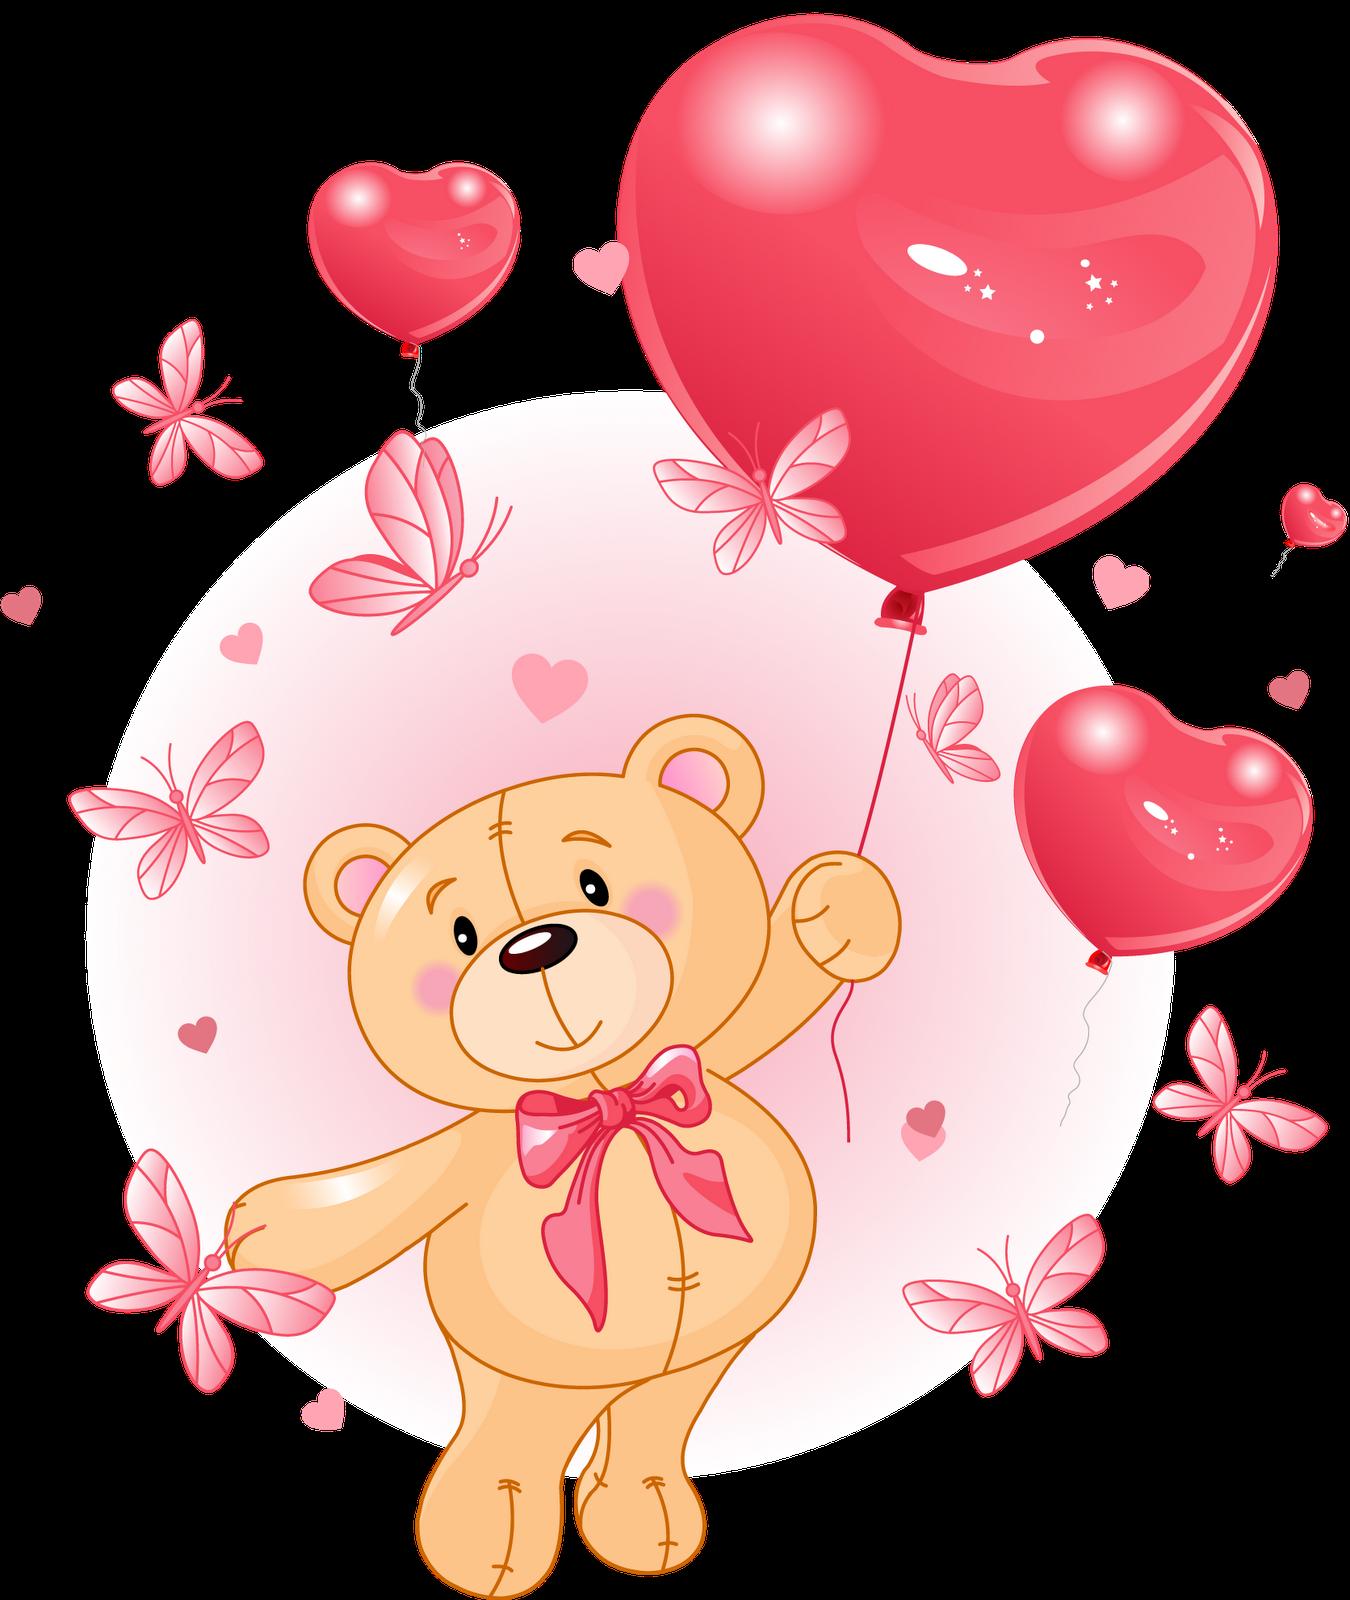 Imagenes De Ositos Tiernos Para Colorear - Imagenes Tiernas: Coleccion de osos cariñosos para